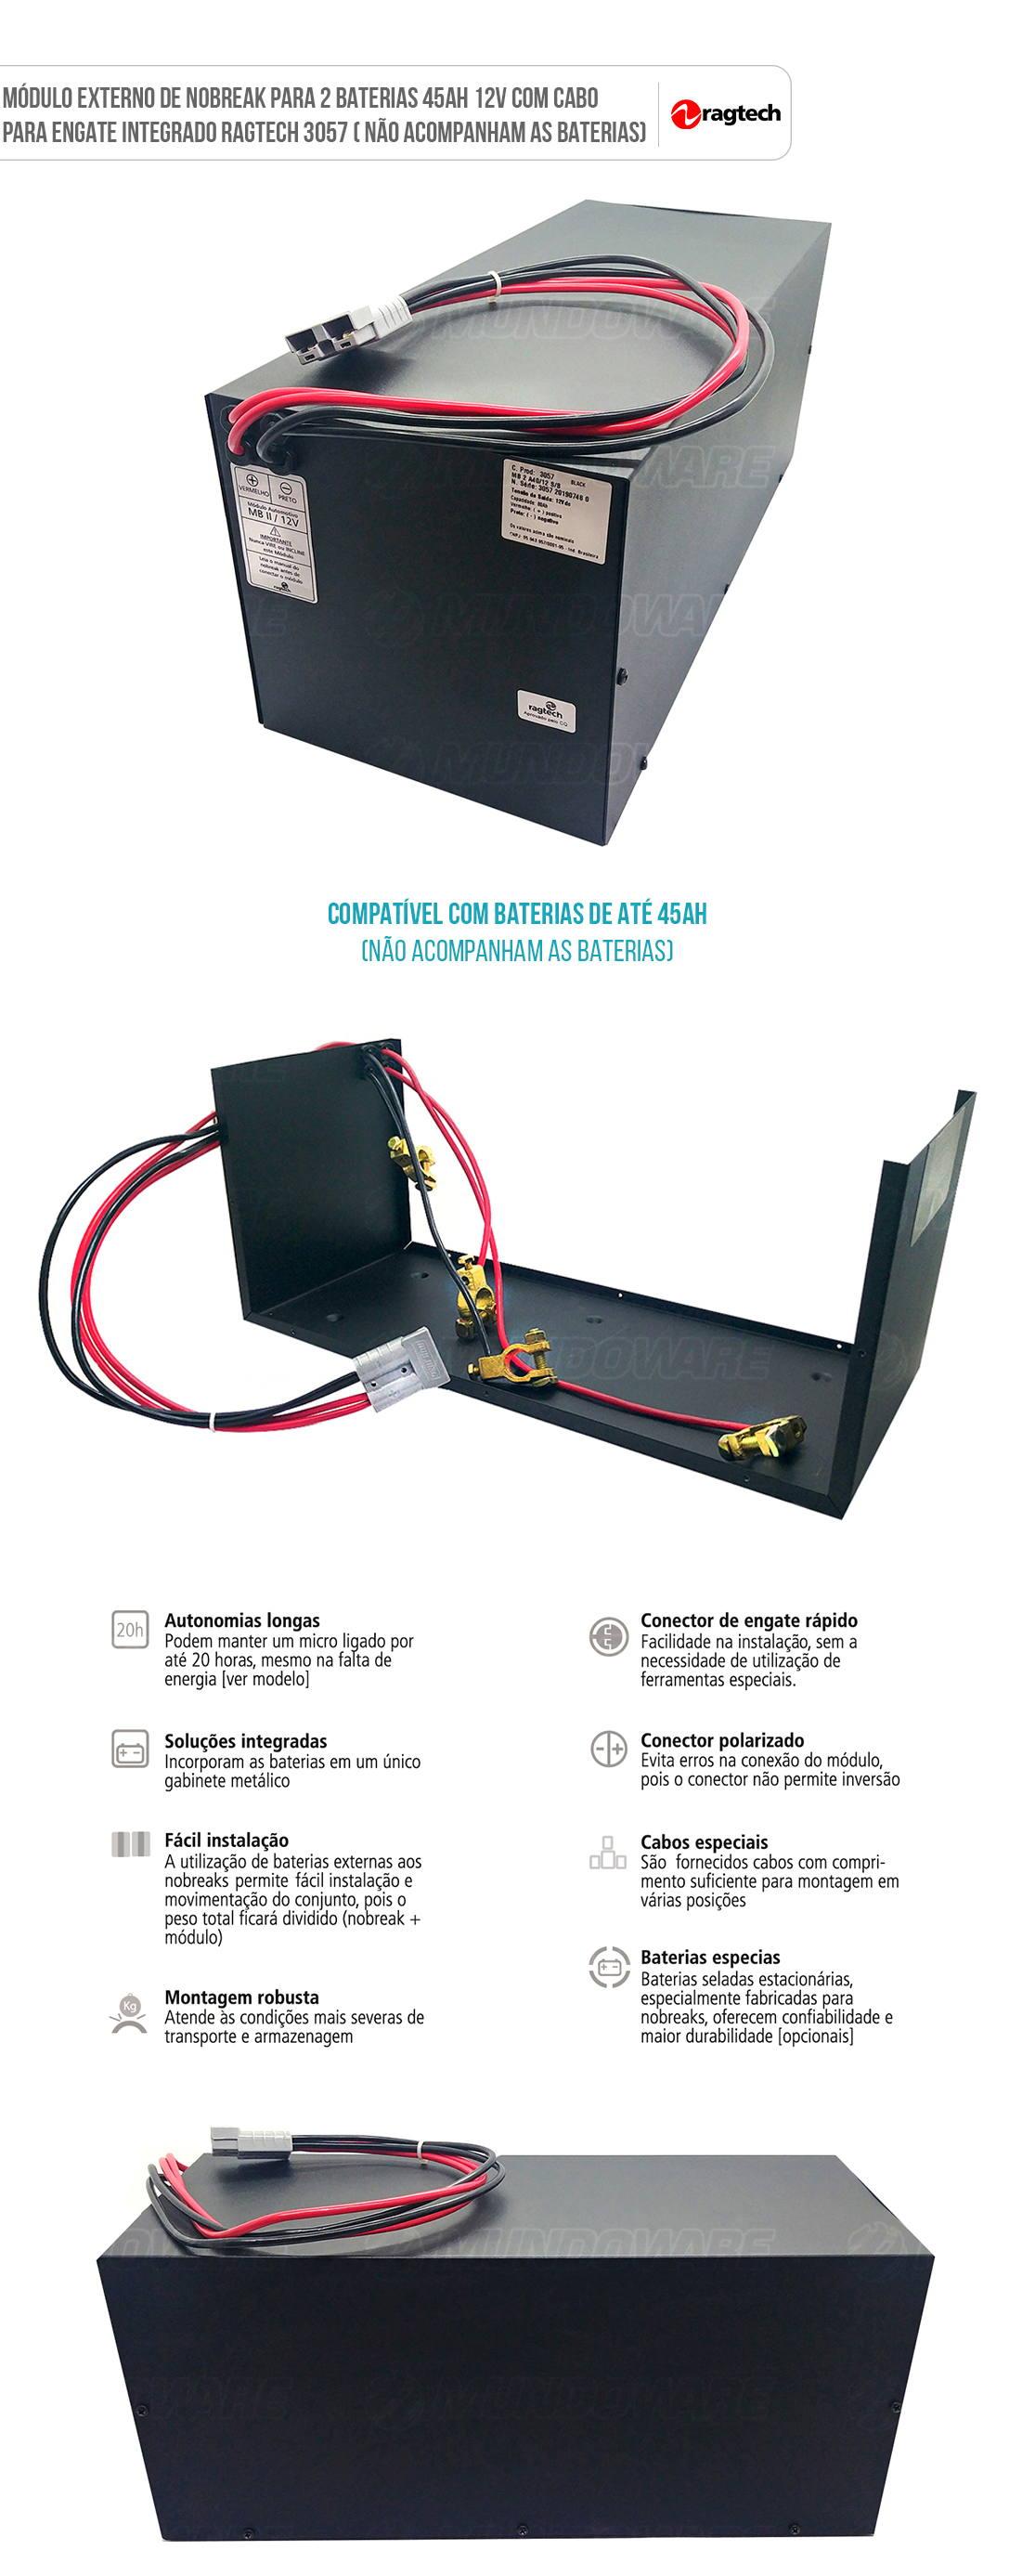 Módulo Externo de Nobreak para 2 Baterias 40Ah 12V Cabo de Engate Integrado Ragtech MB 2 A40/12 3057 (Sem Baterias)